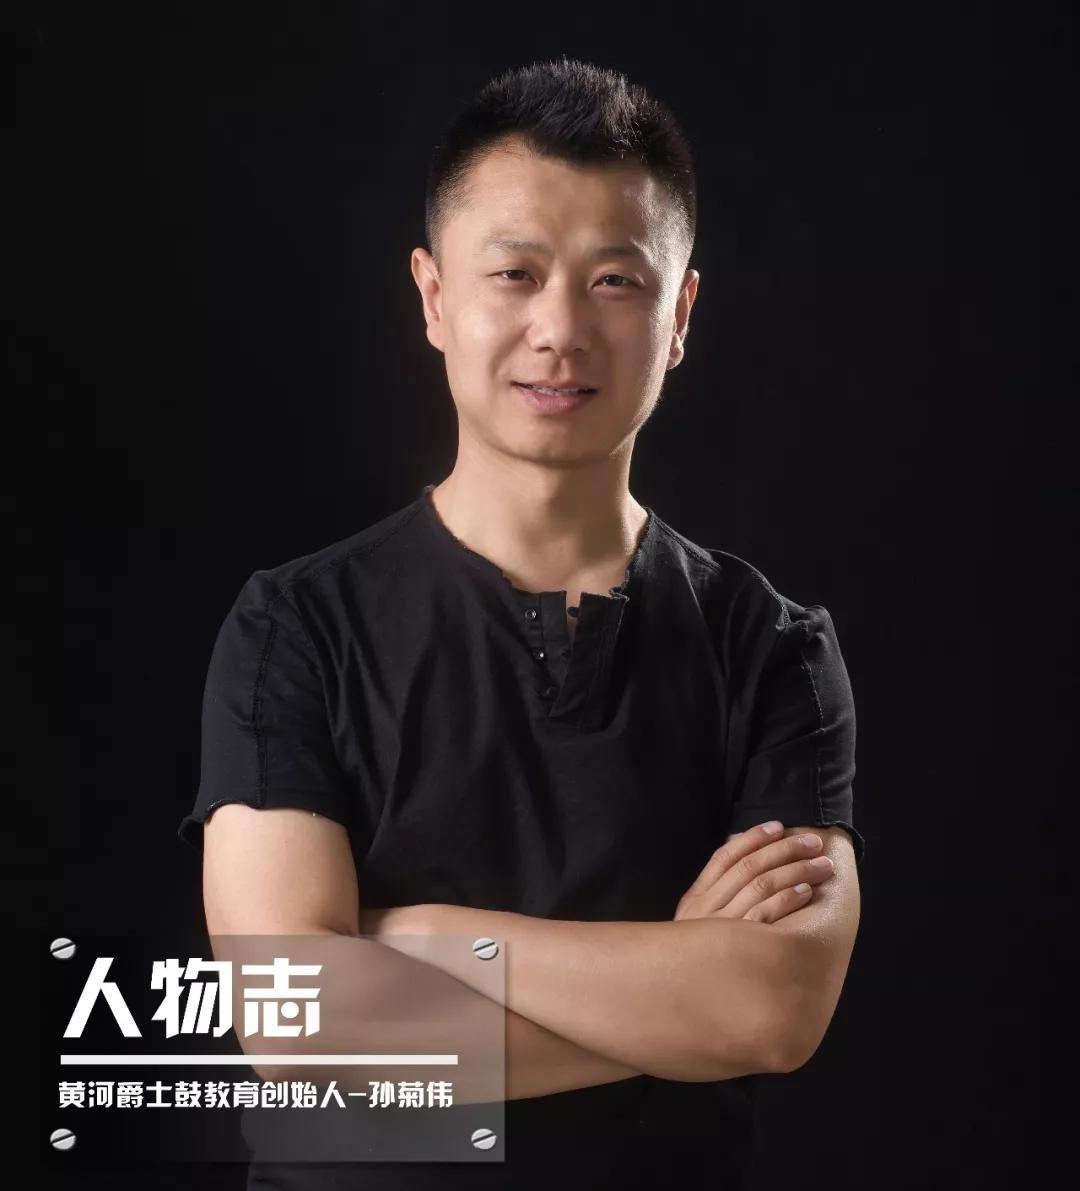 人物 | 黄河爵士鼓教育创始人孙菊伟